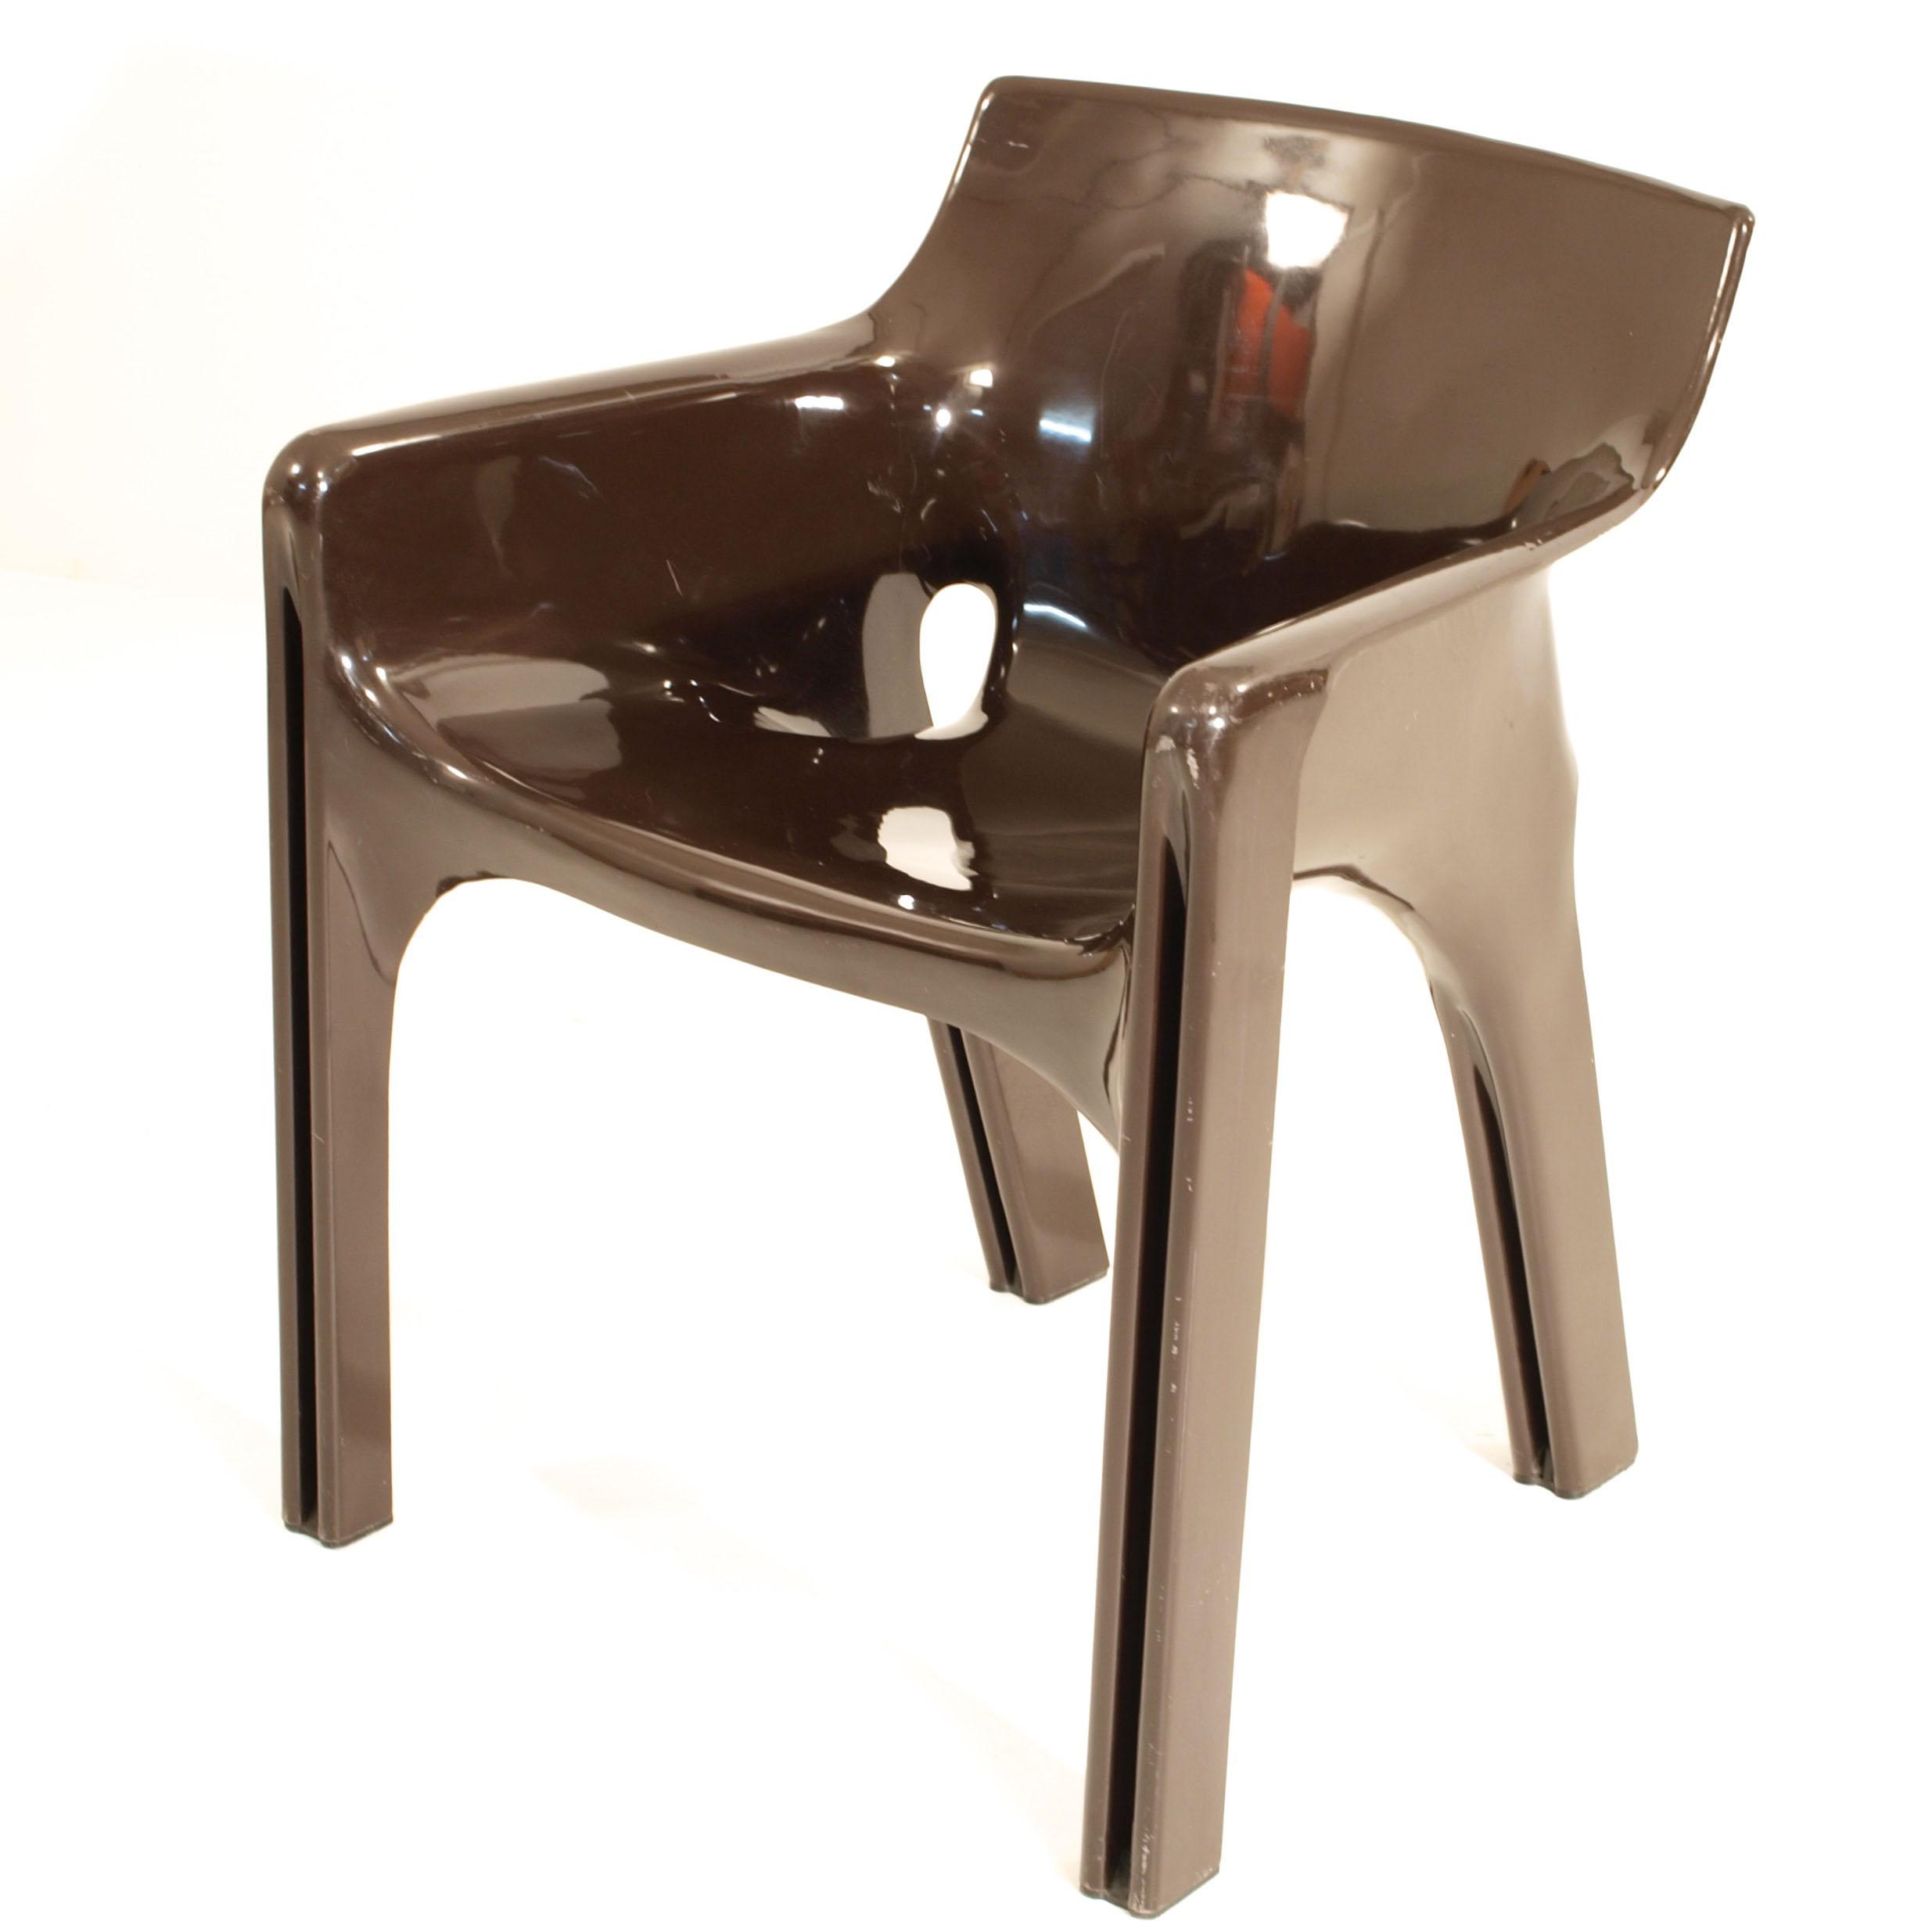 ... Chair, Vico Magistretti, Artemide | Möbel Zürich | Vintagemöbel